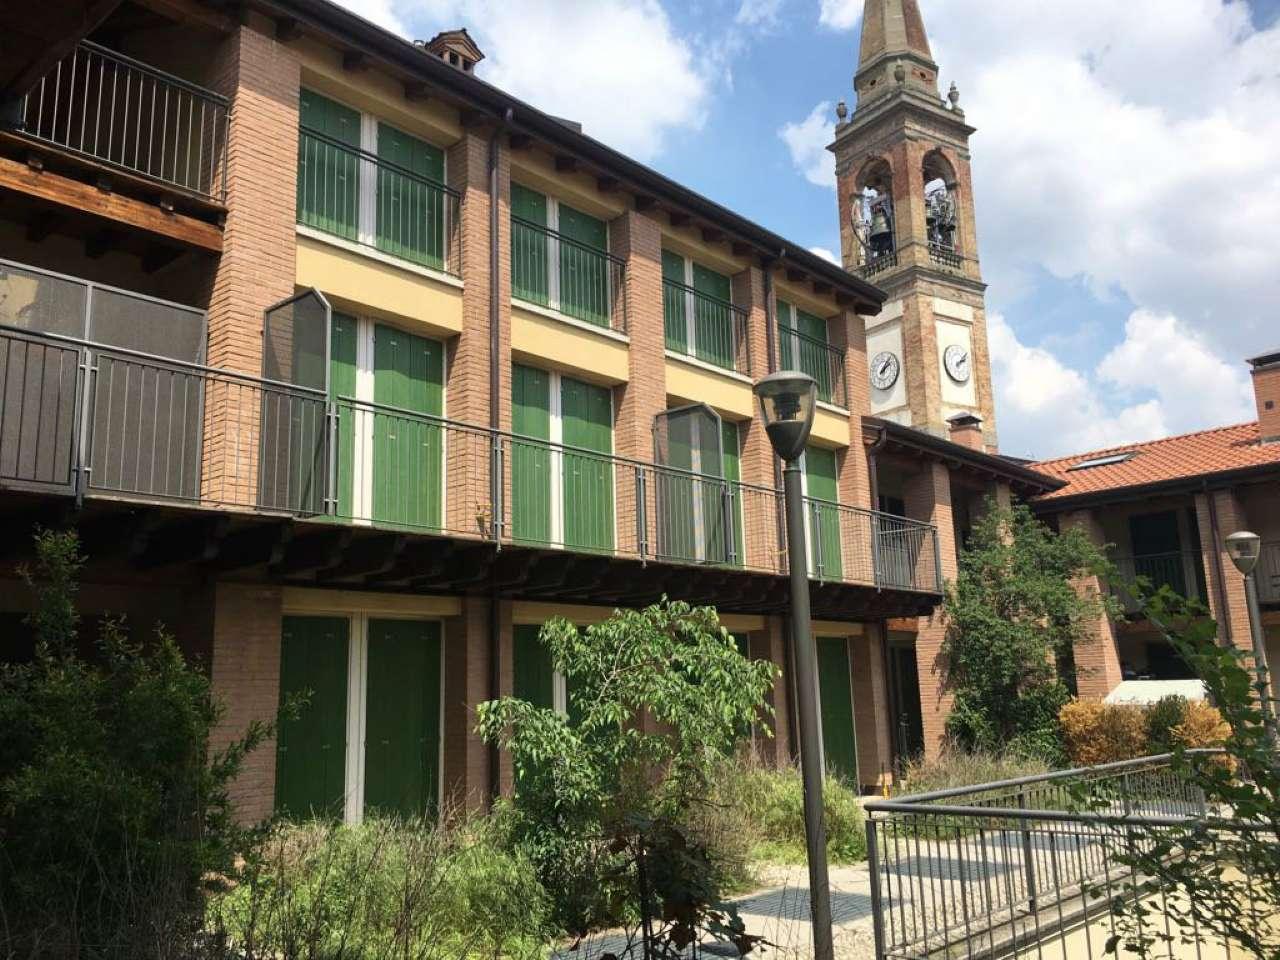 Appartamento in vendita a Bonate Sotto, 2 locali, prezzo € 44.000   PortaleAgenzieImmobiliari.it